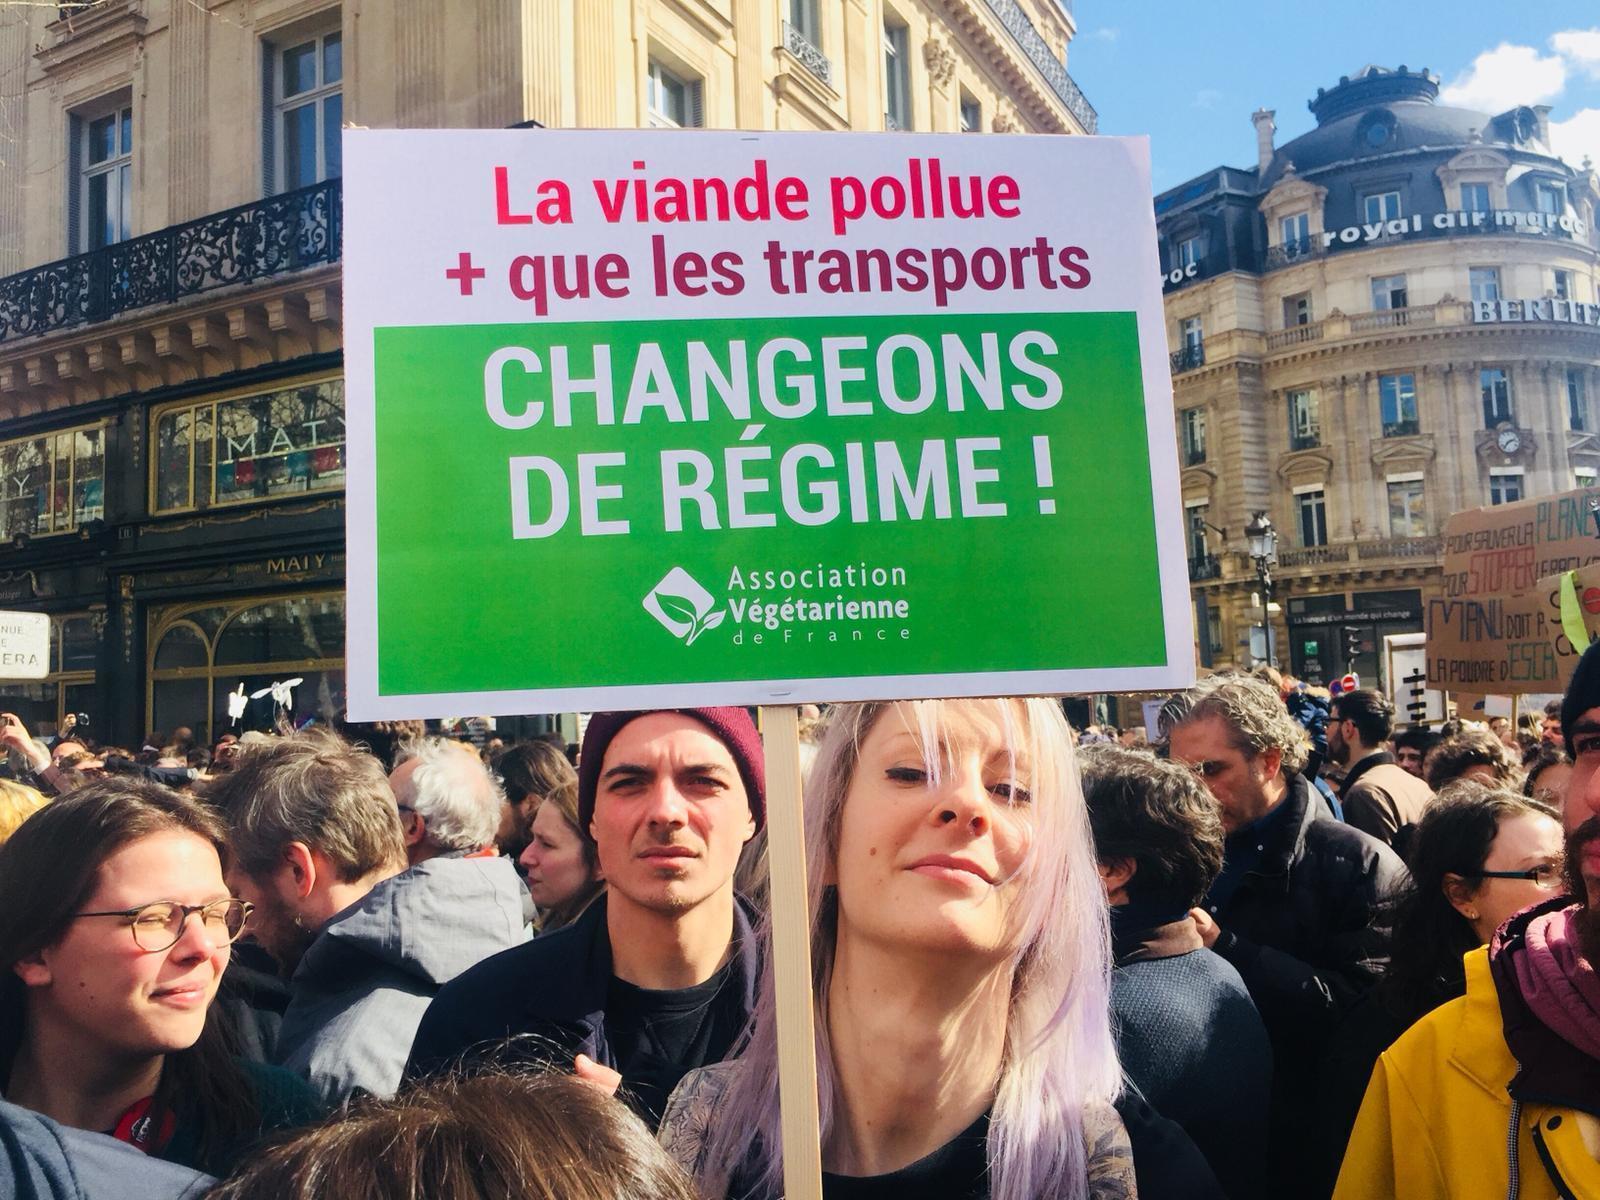 Marche pour le climat paris 9